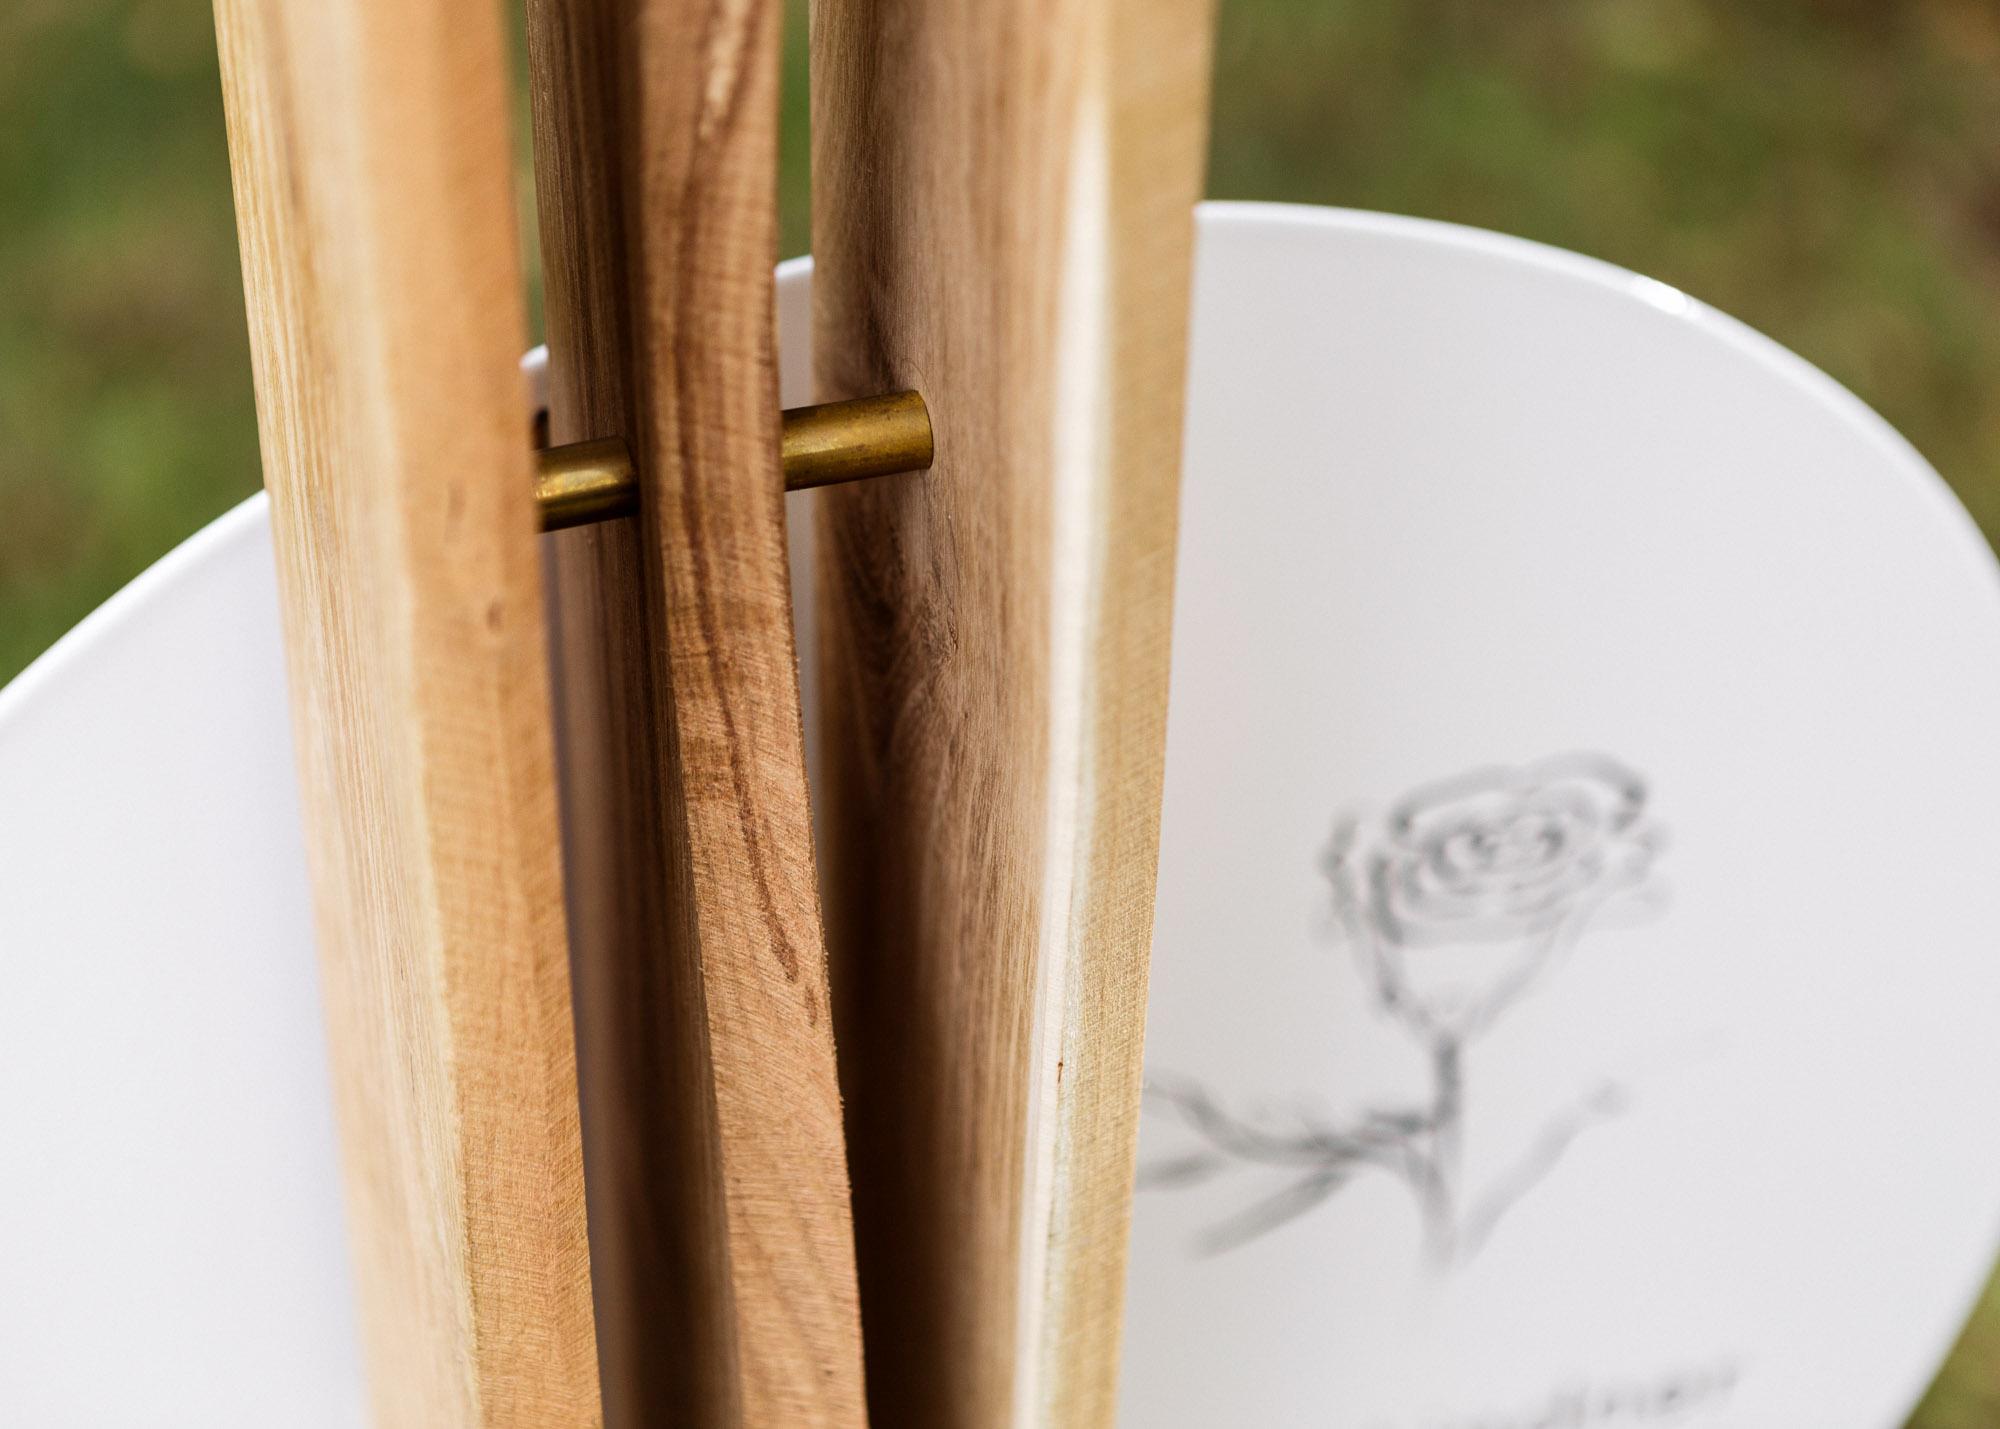 Holzgrabmal - Lamellen aus Holz als Stele mit hintersetztem Emailleschild mit Illustration